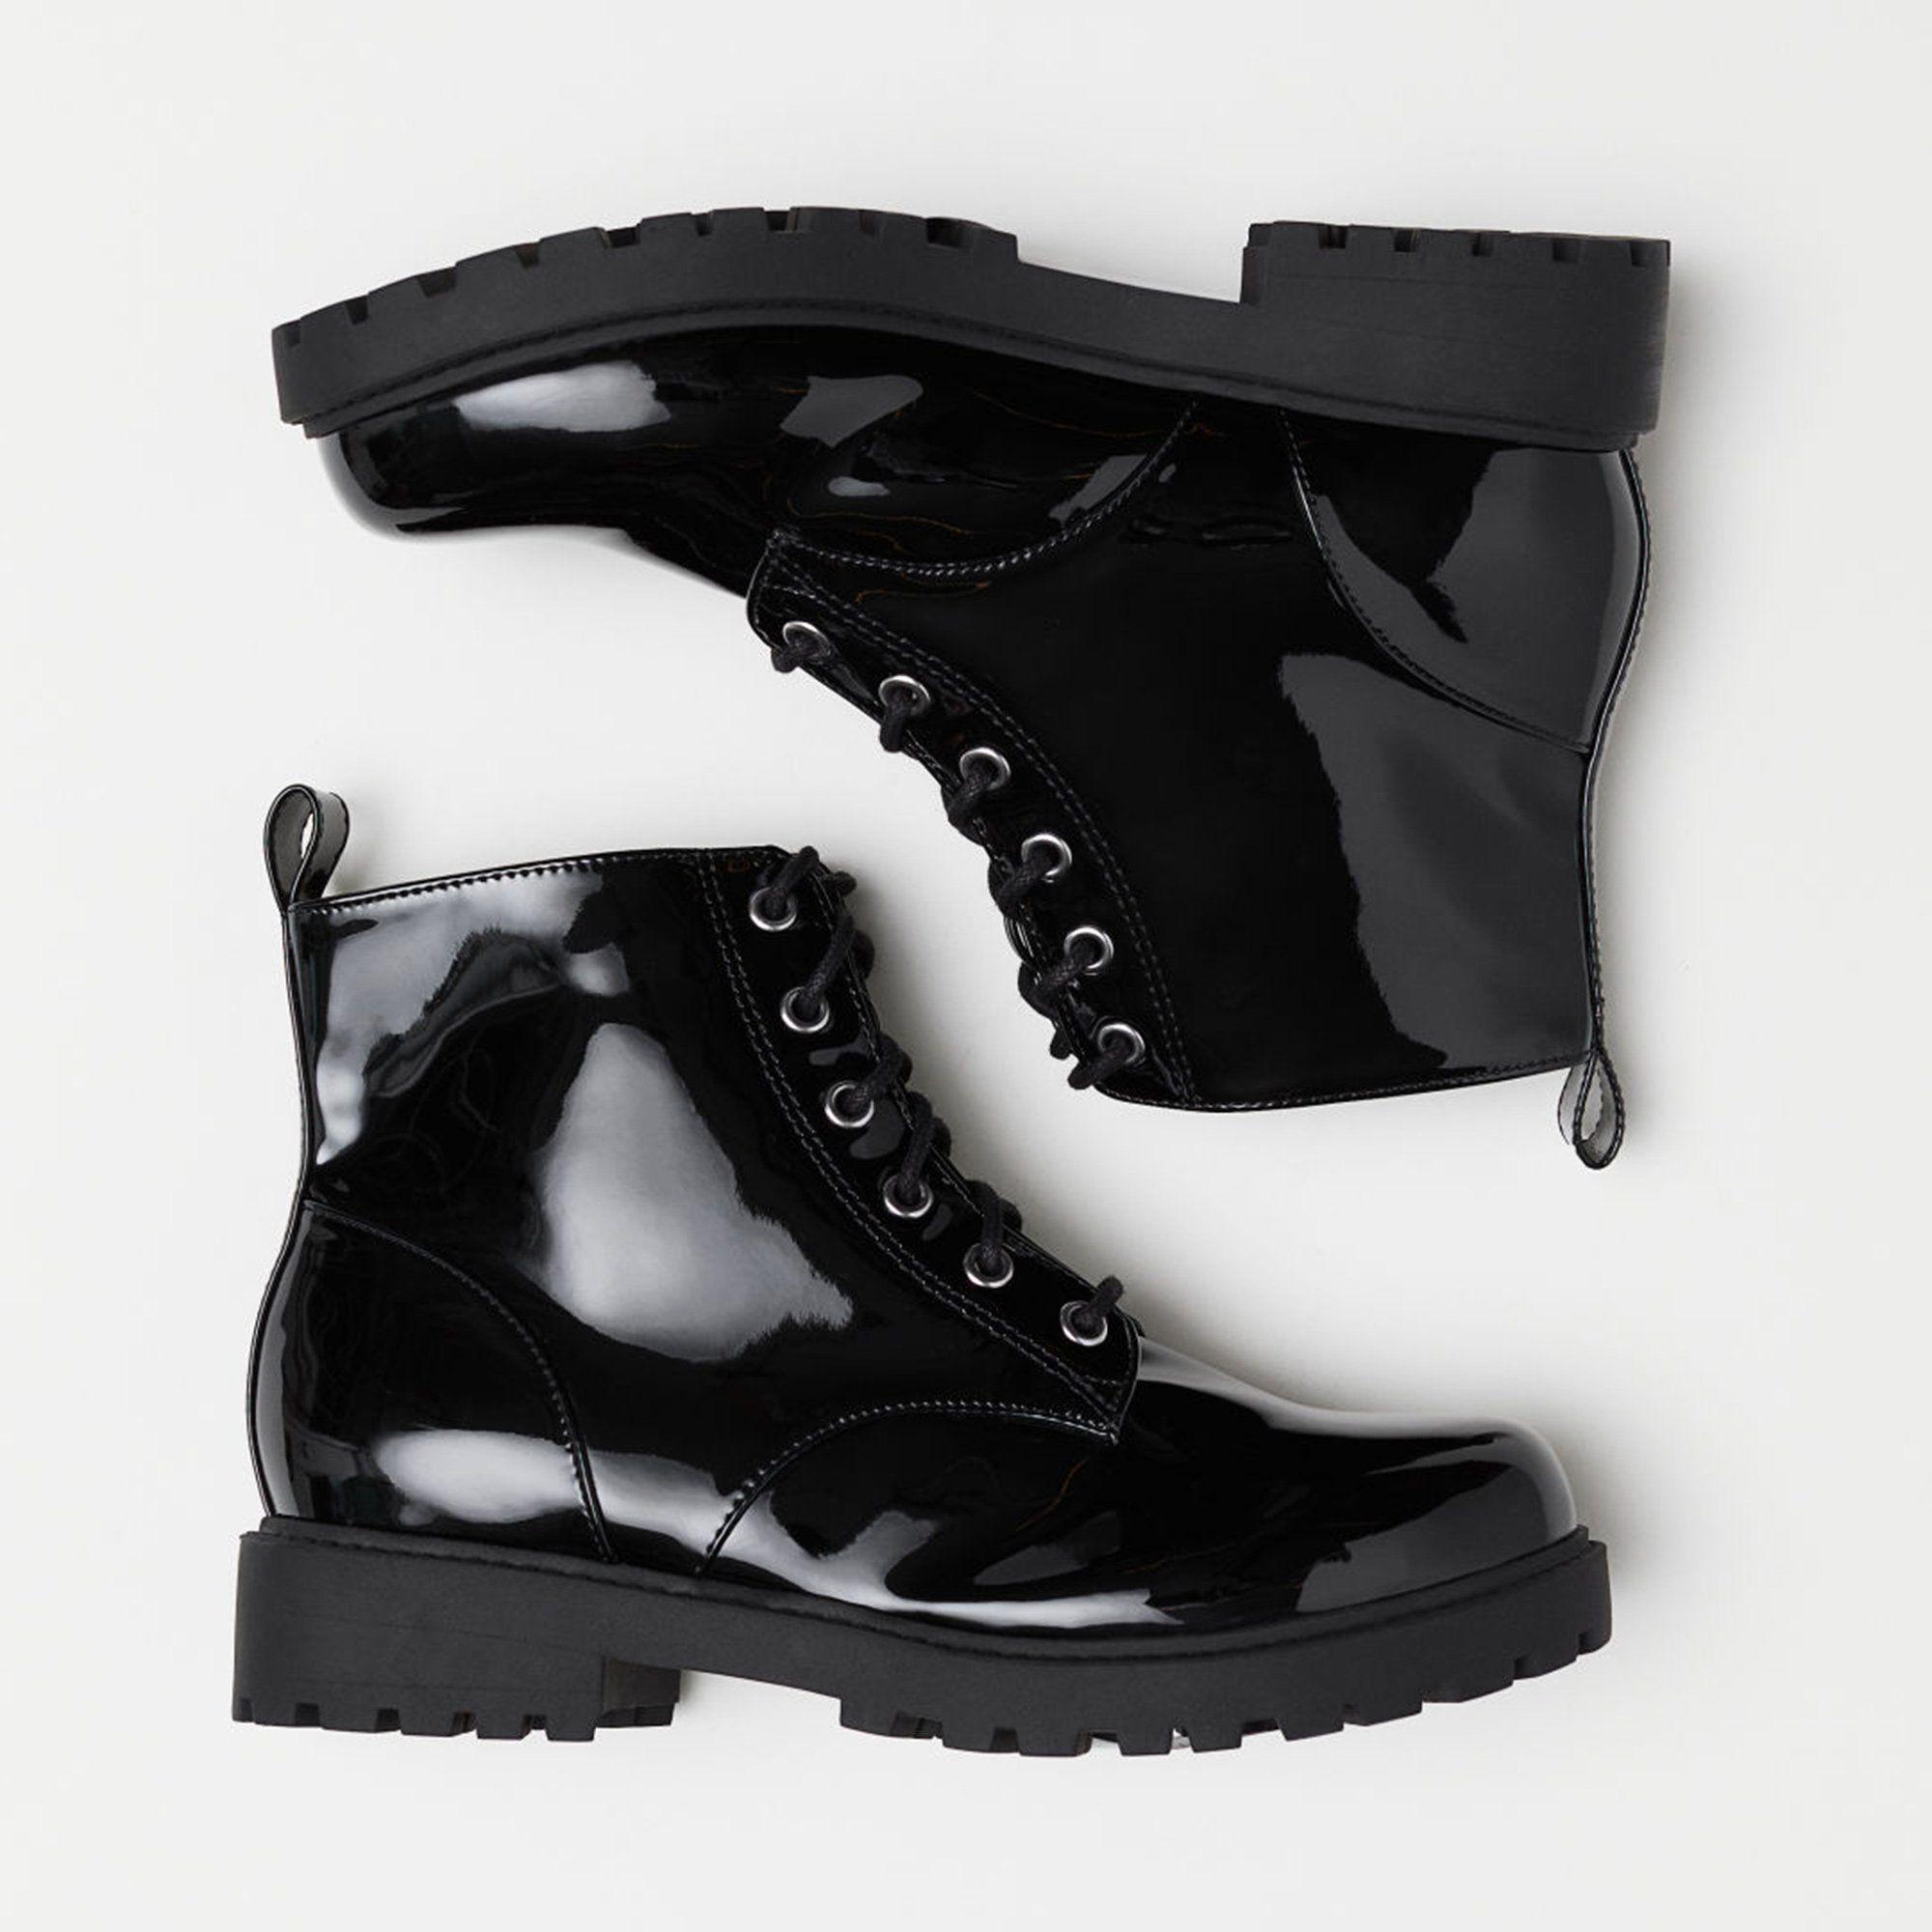 Des chaussures vraiment chaudes pour affronter le froid